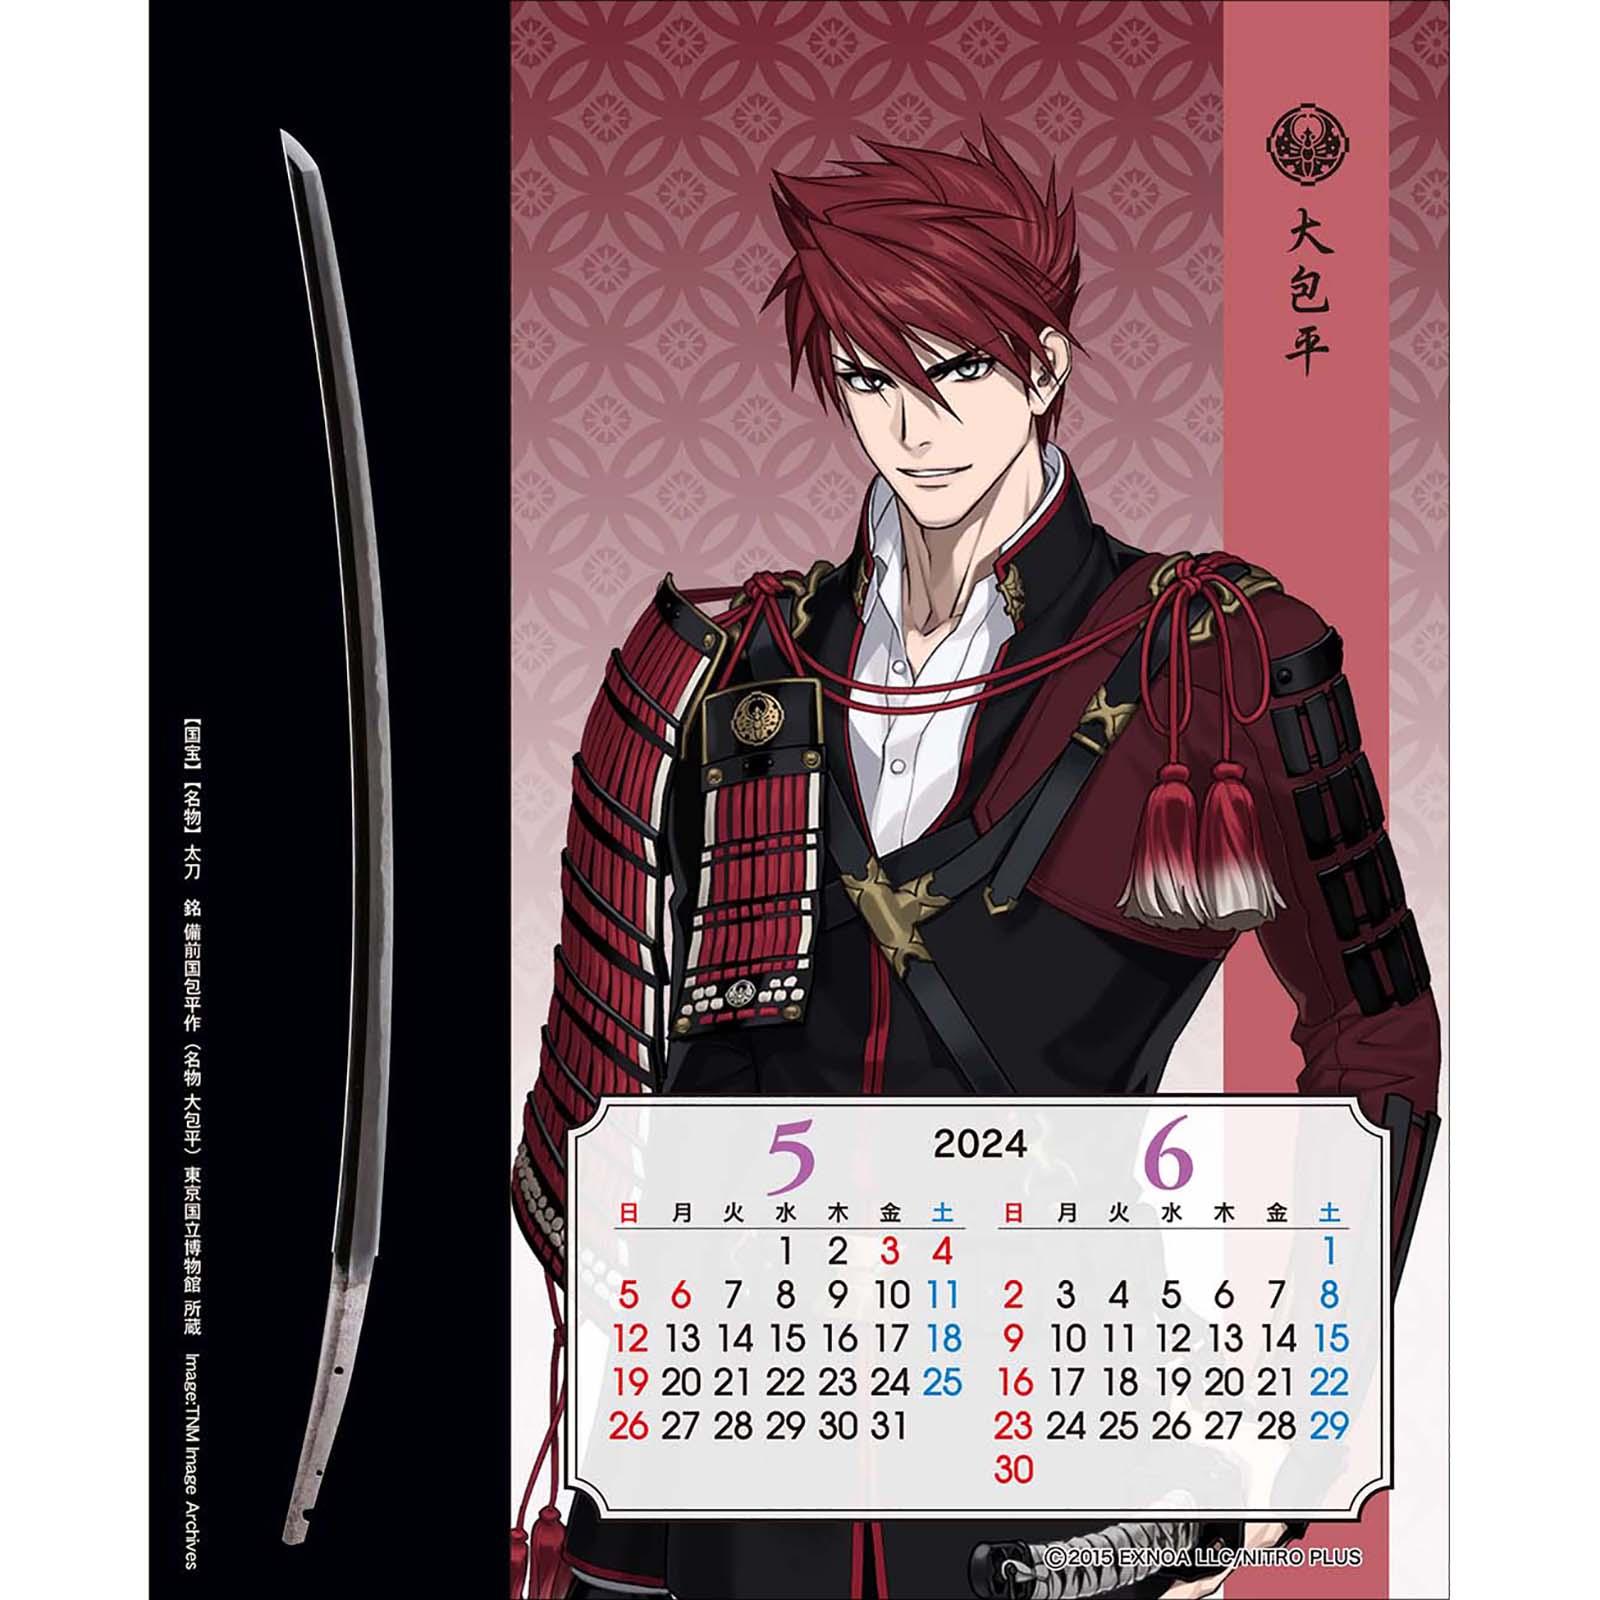 TD-30303(2022年版)<br>刀剣カレンダー・卓上 刀剣乱舞-ONLINE-<br>【クリックポスト対応/代引き不可】